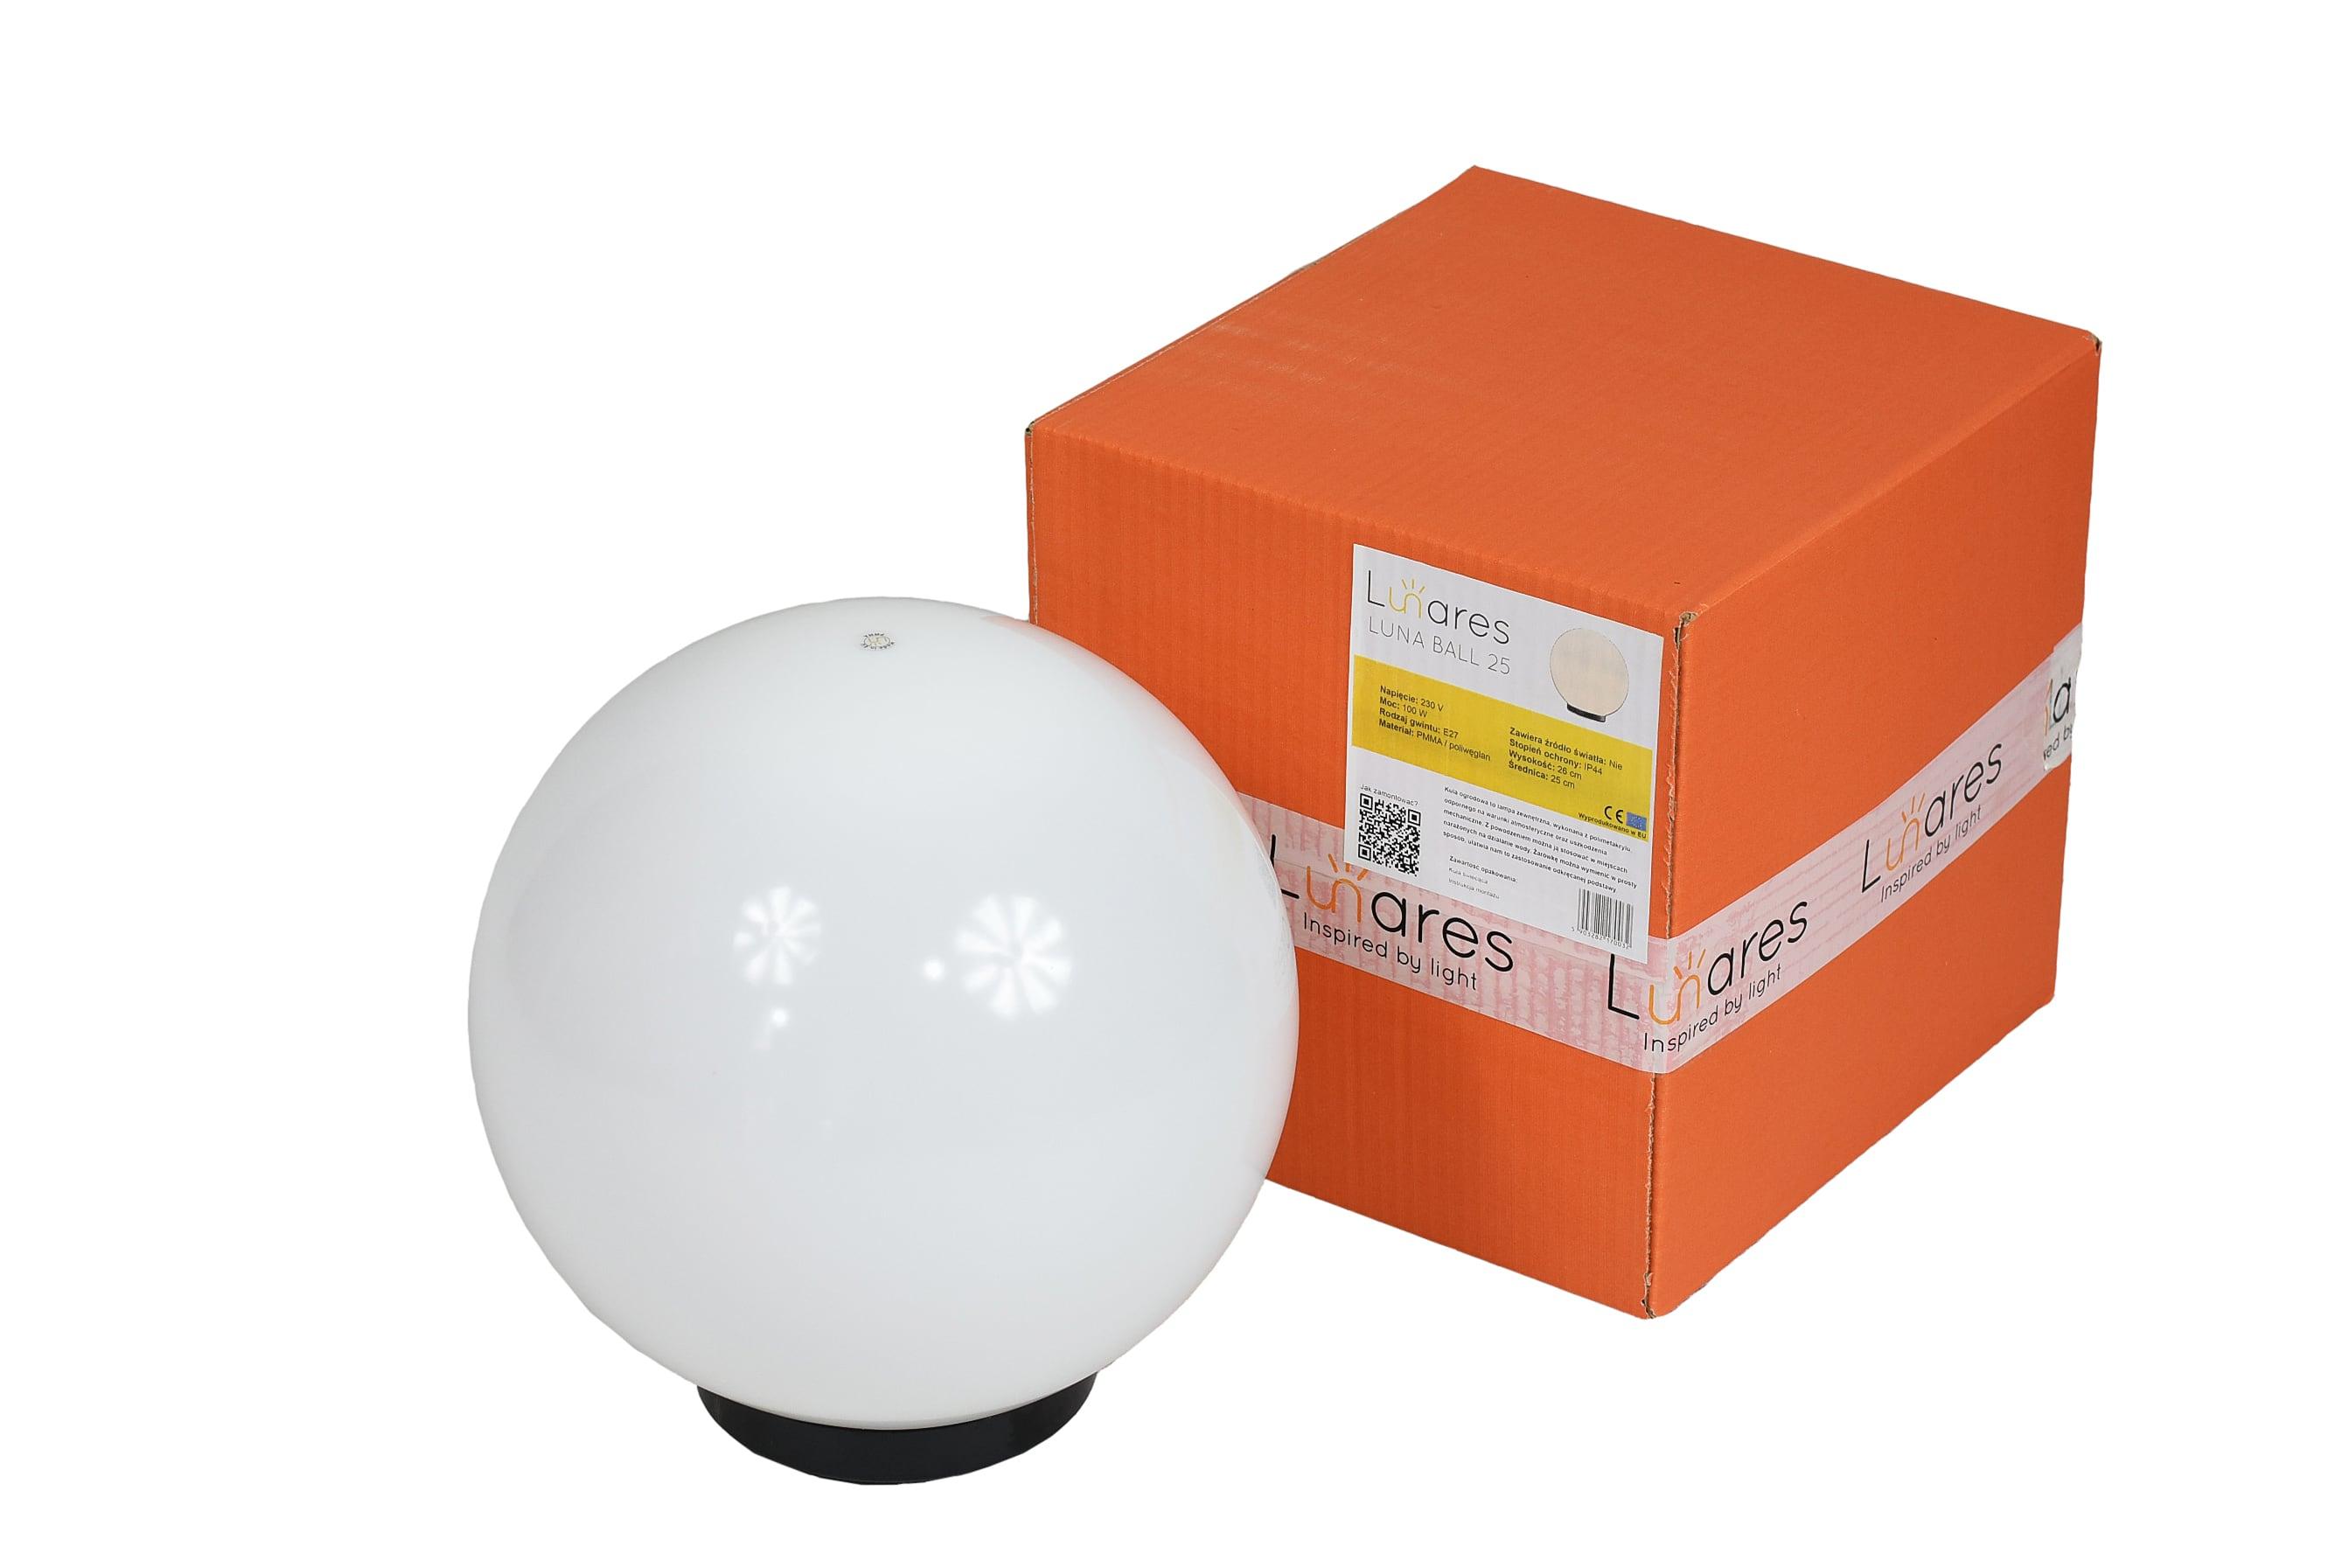 Zahradní lampa Luna ball 25 cm, zahradní koule, lesklý míč, osvětlení cesty, klasický styl, bílá s leskem